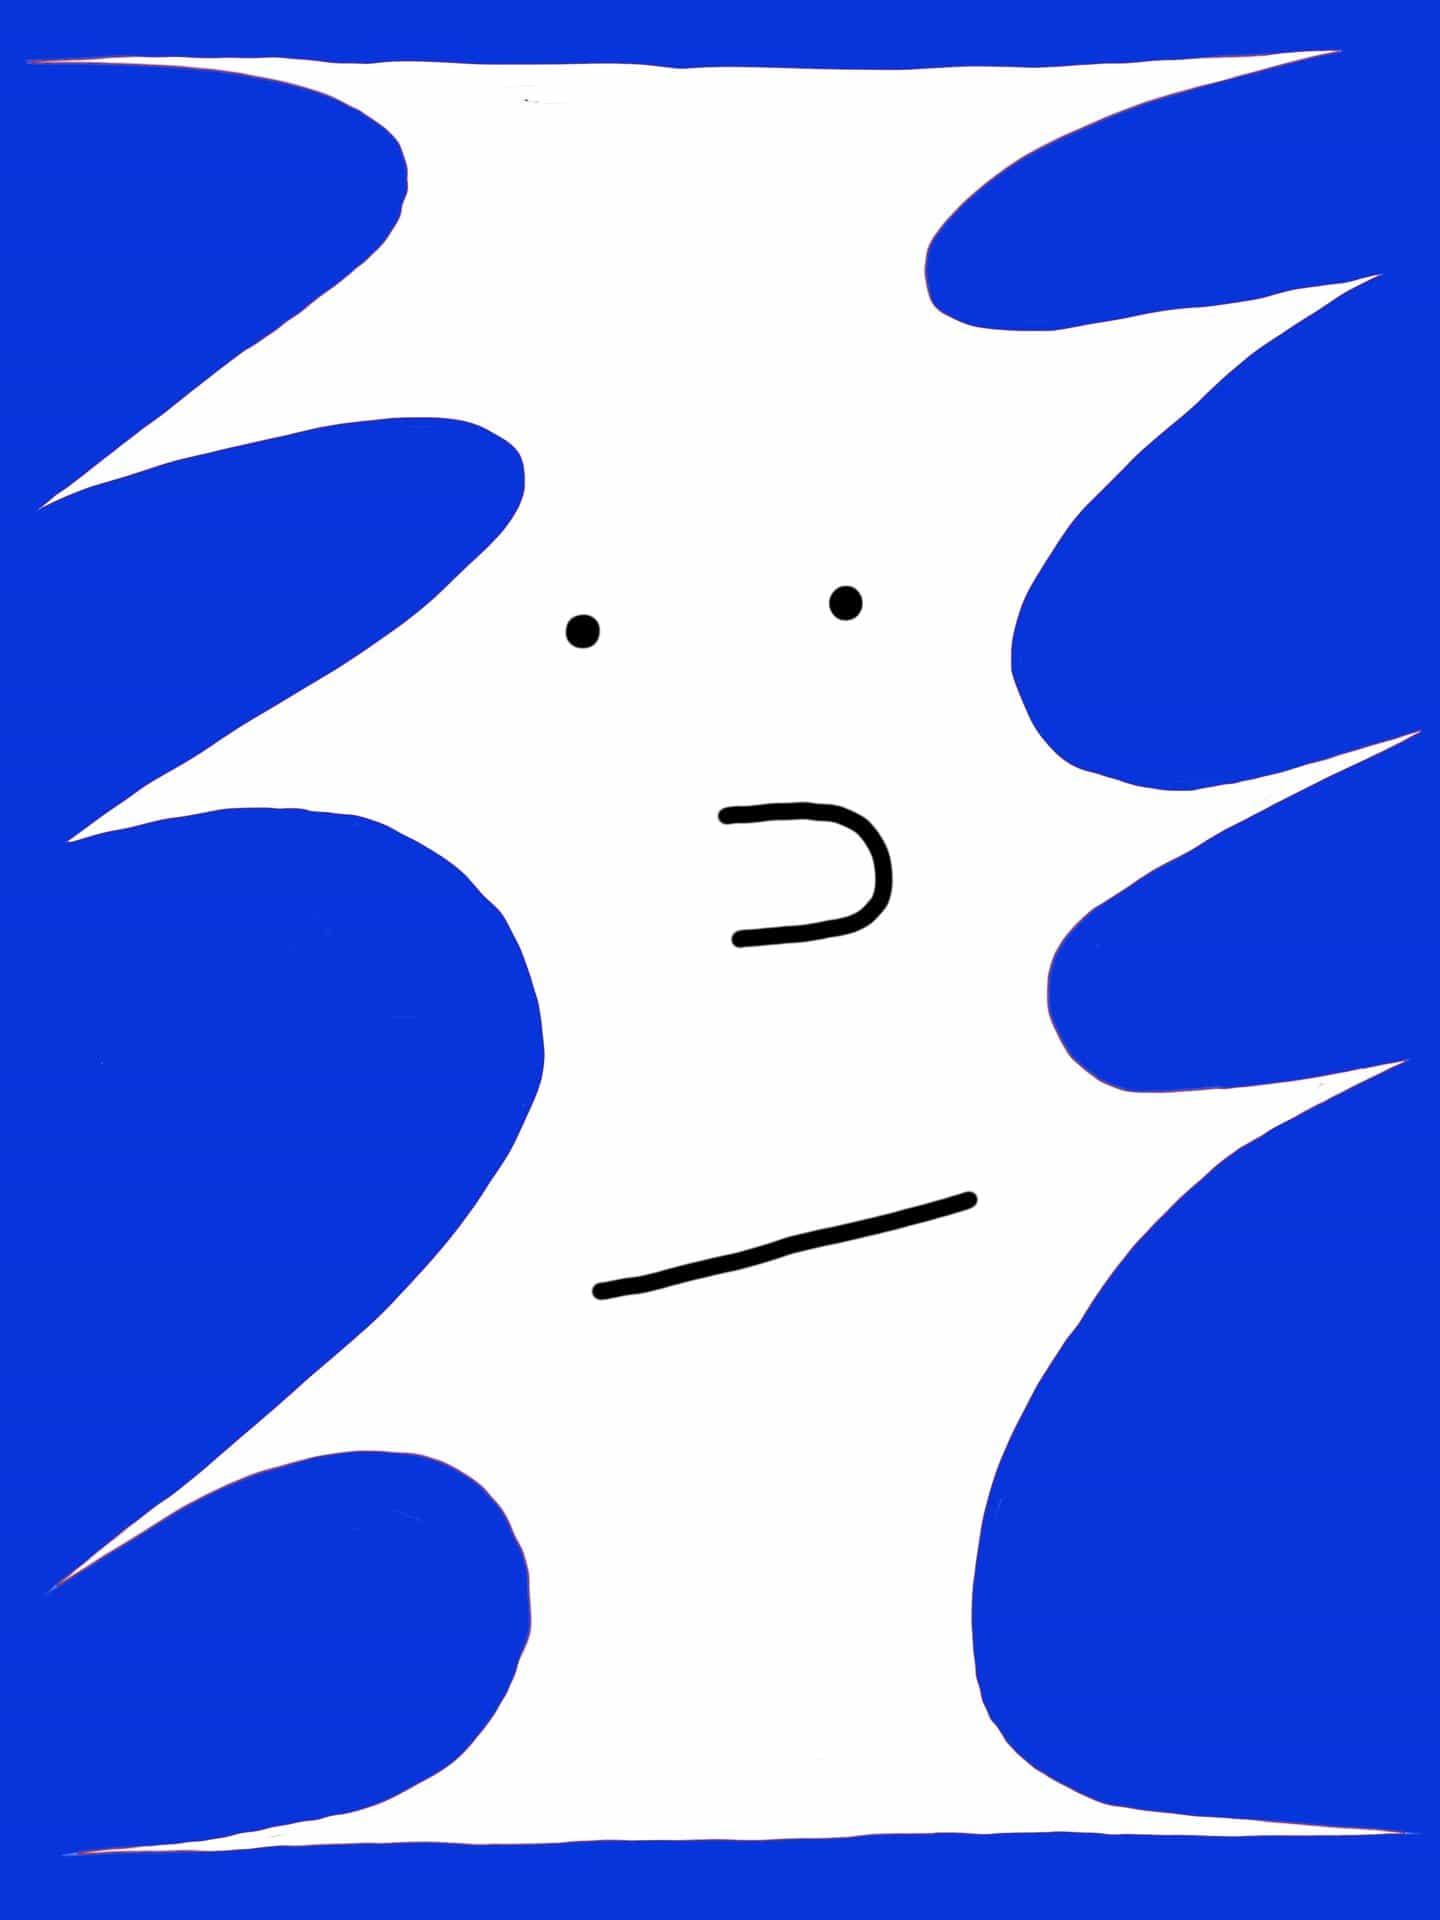 Las ilustraciones de Kamil Lach son un testimonio de la simplificación